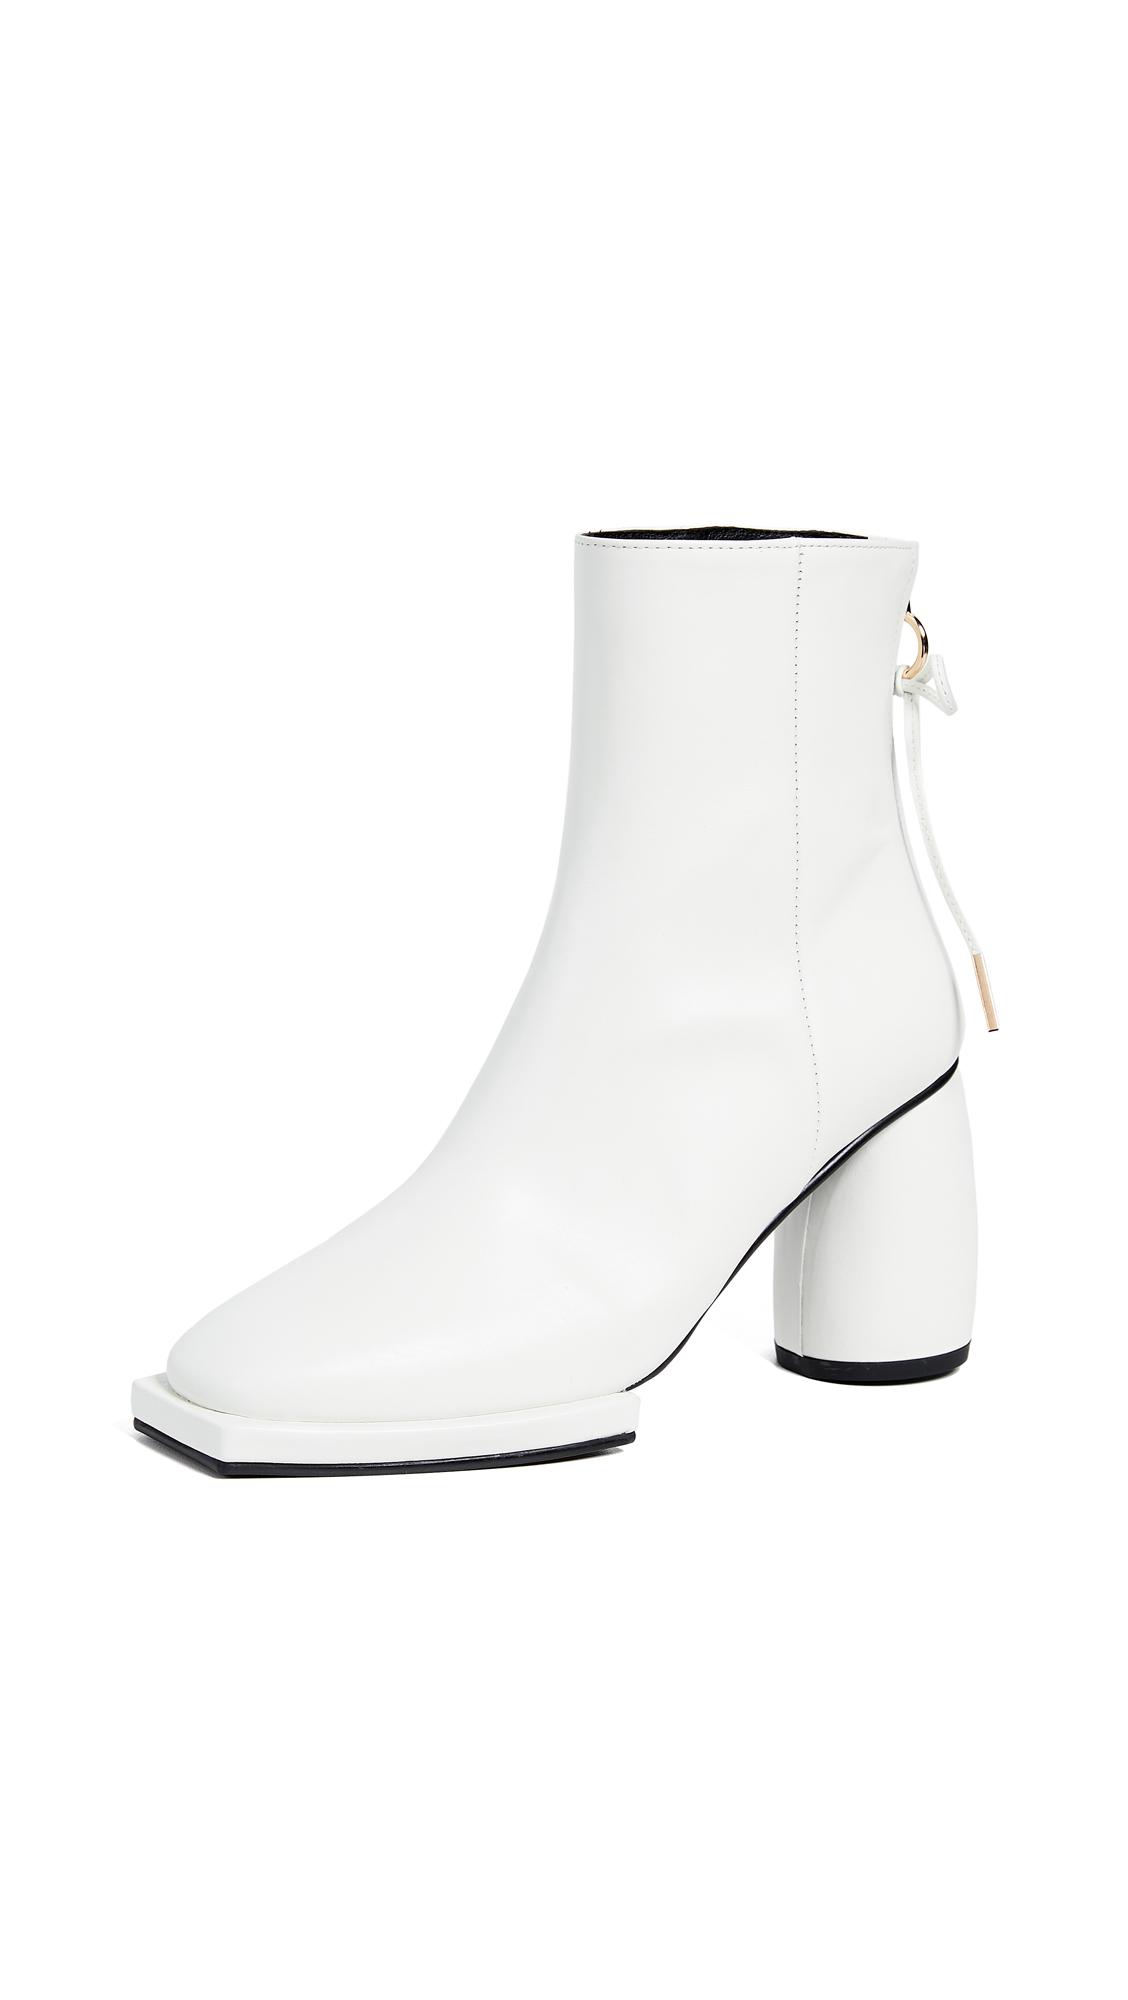 Reike Nen Square Ribbon Half Boots - White